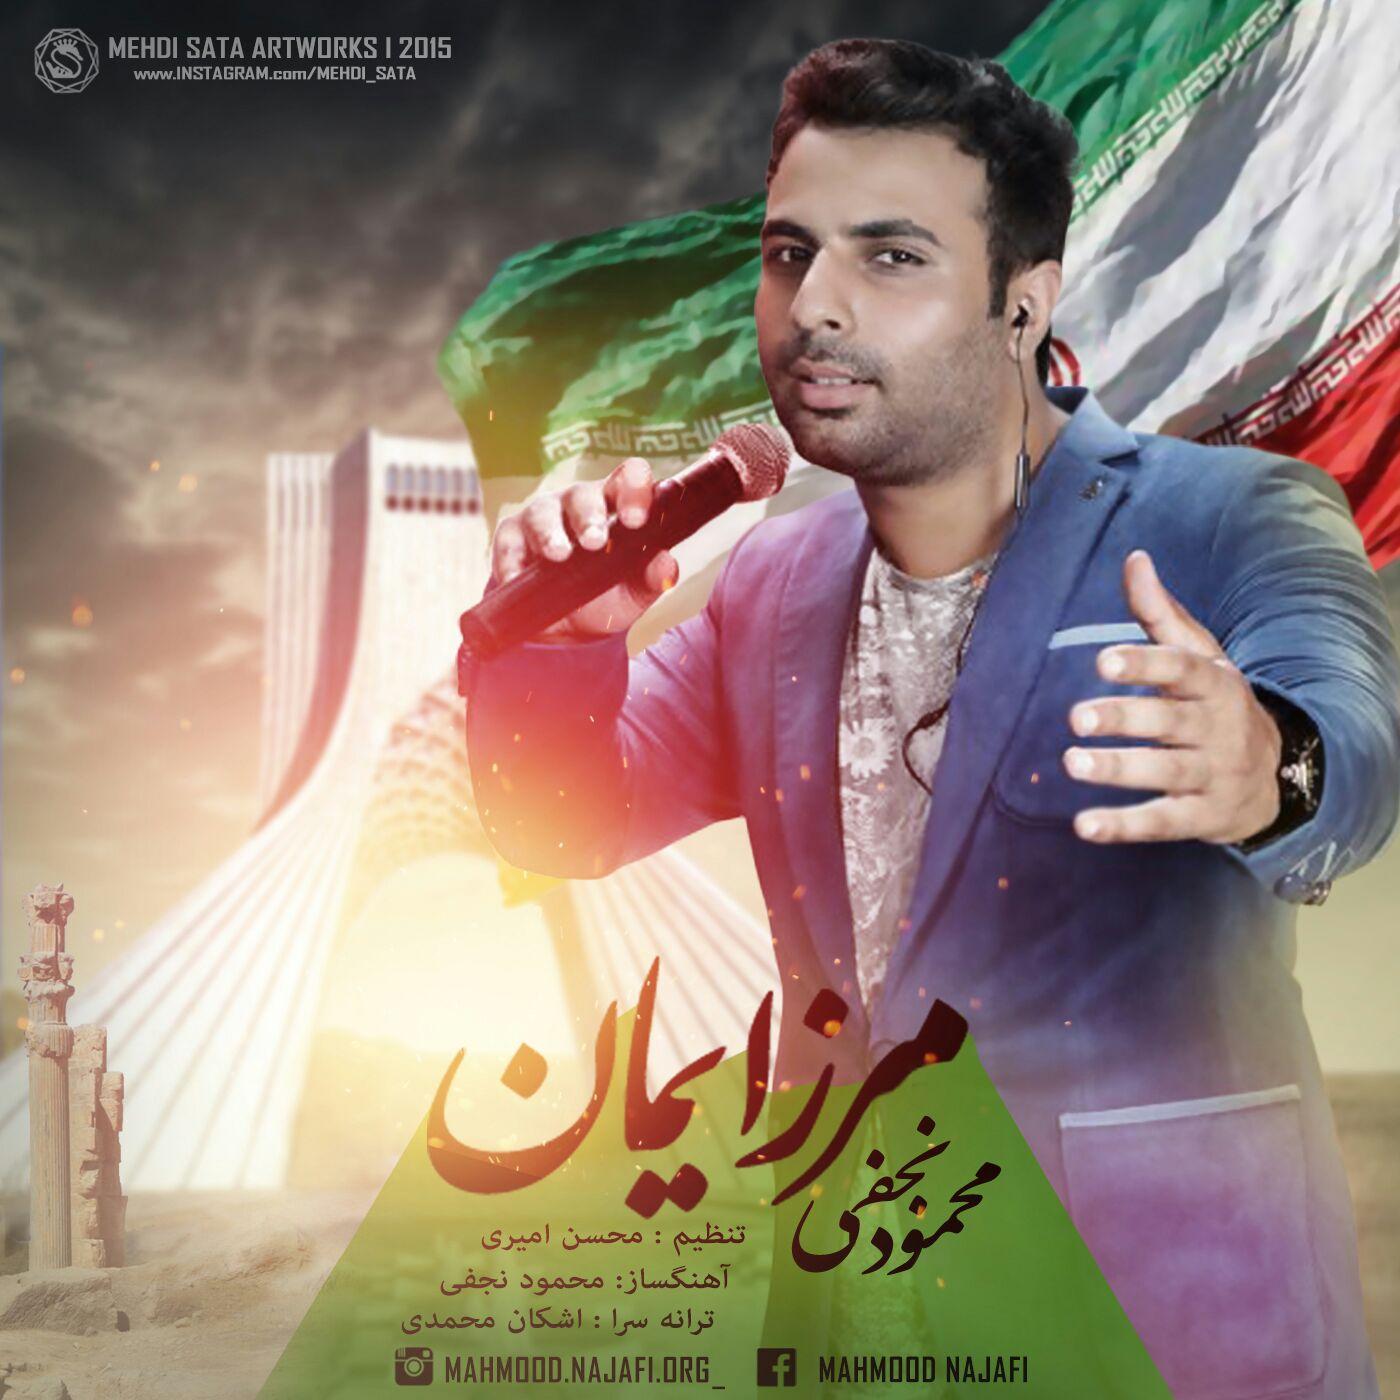 دانلود آهنگ جدید محمود نجفی به نام مرز ایمان